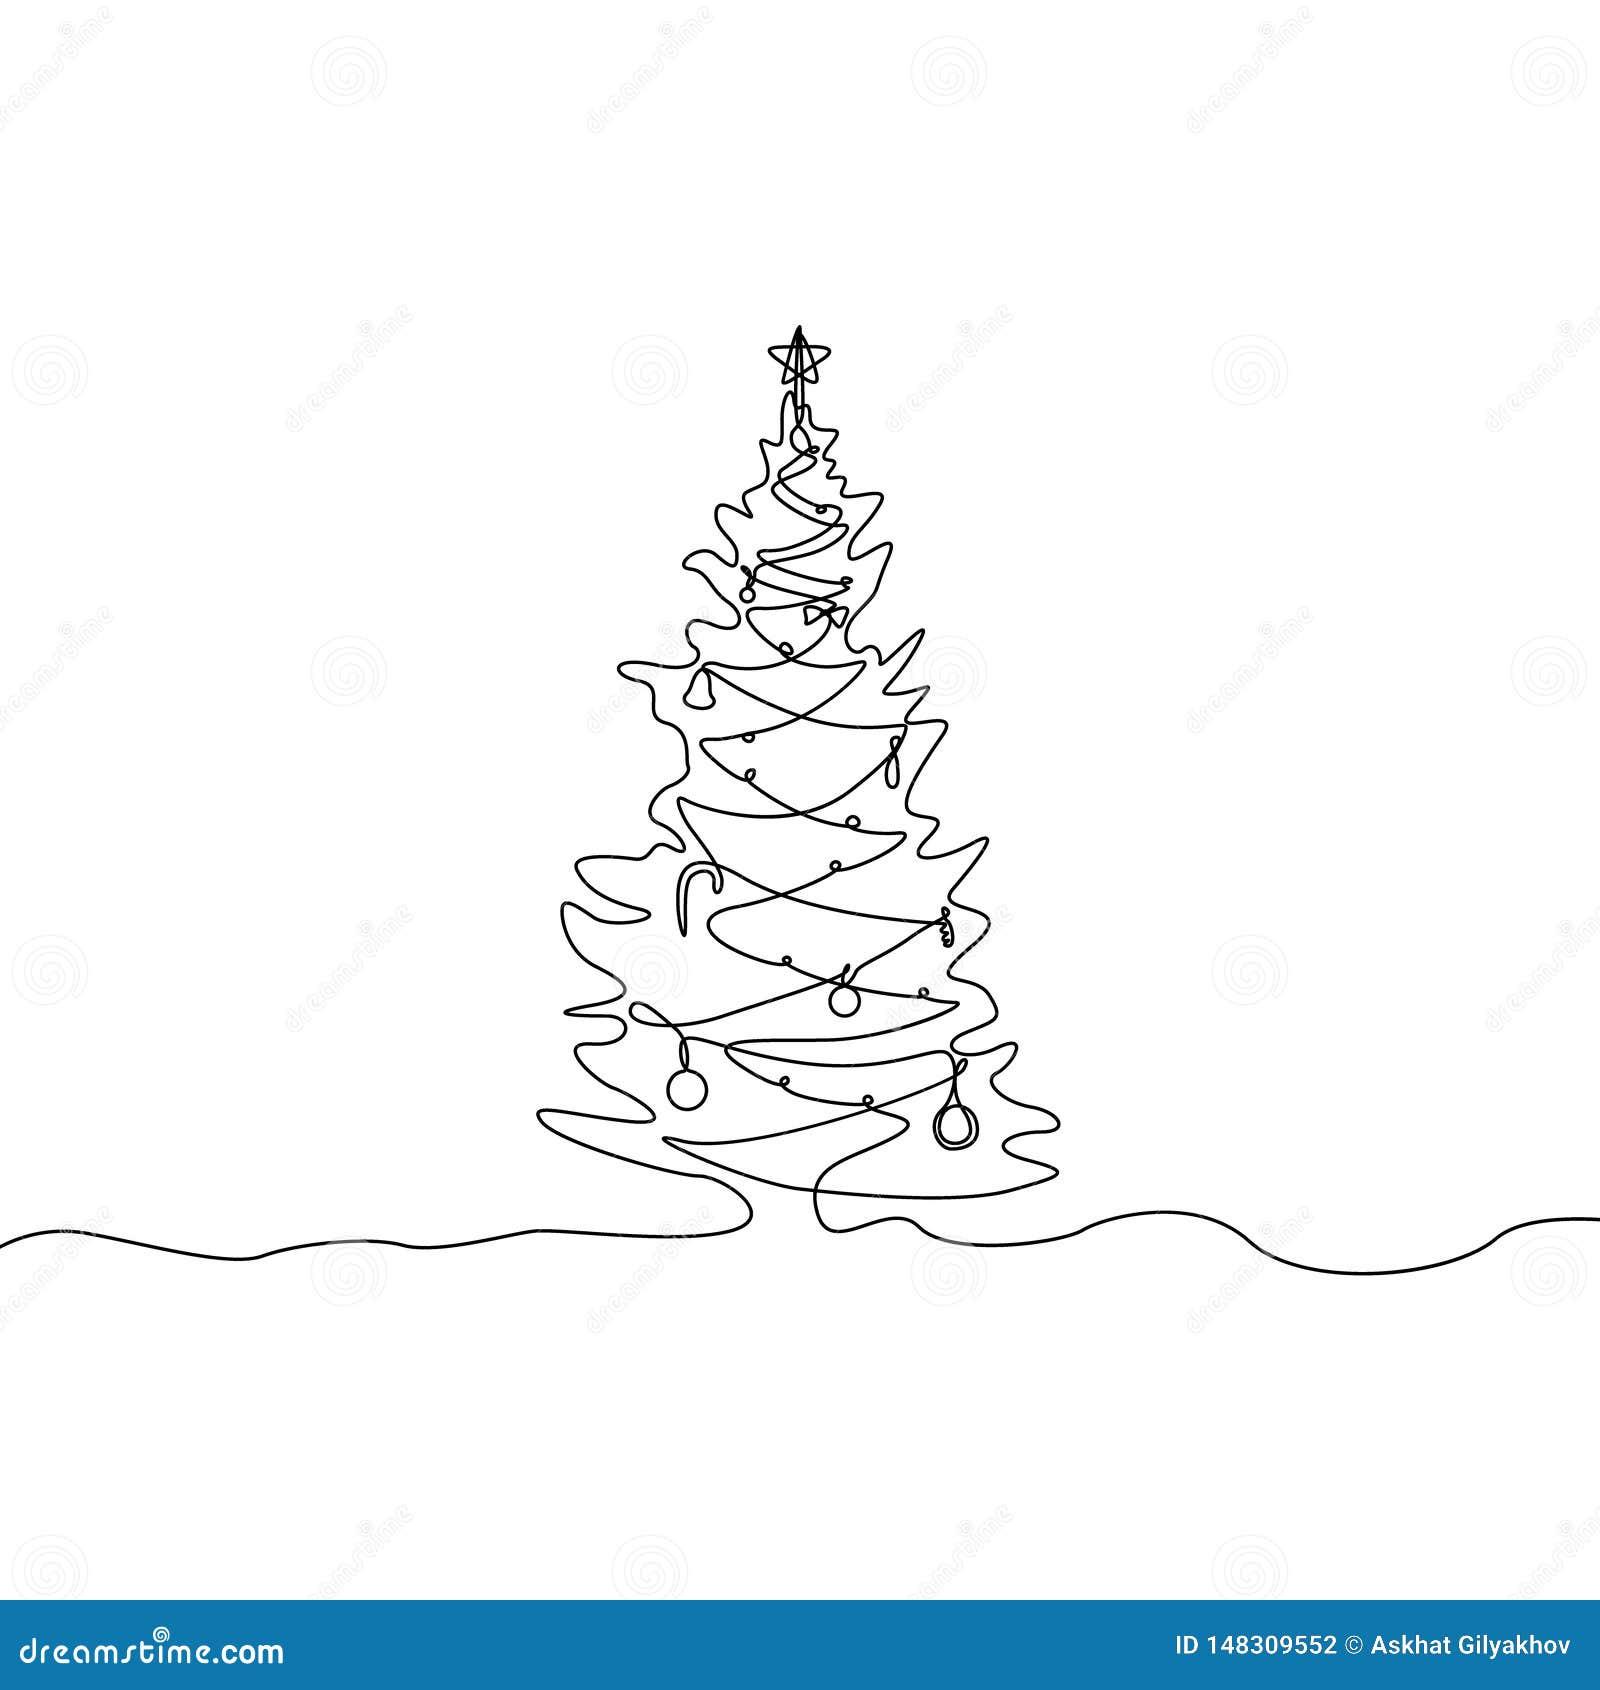 Непрерывная одна линия рождественская елка чертежа с украшениями